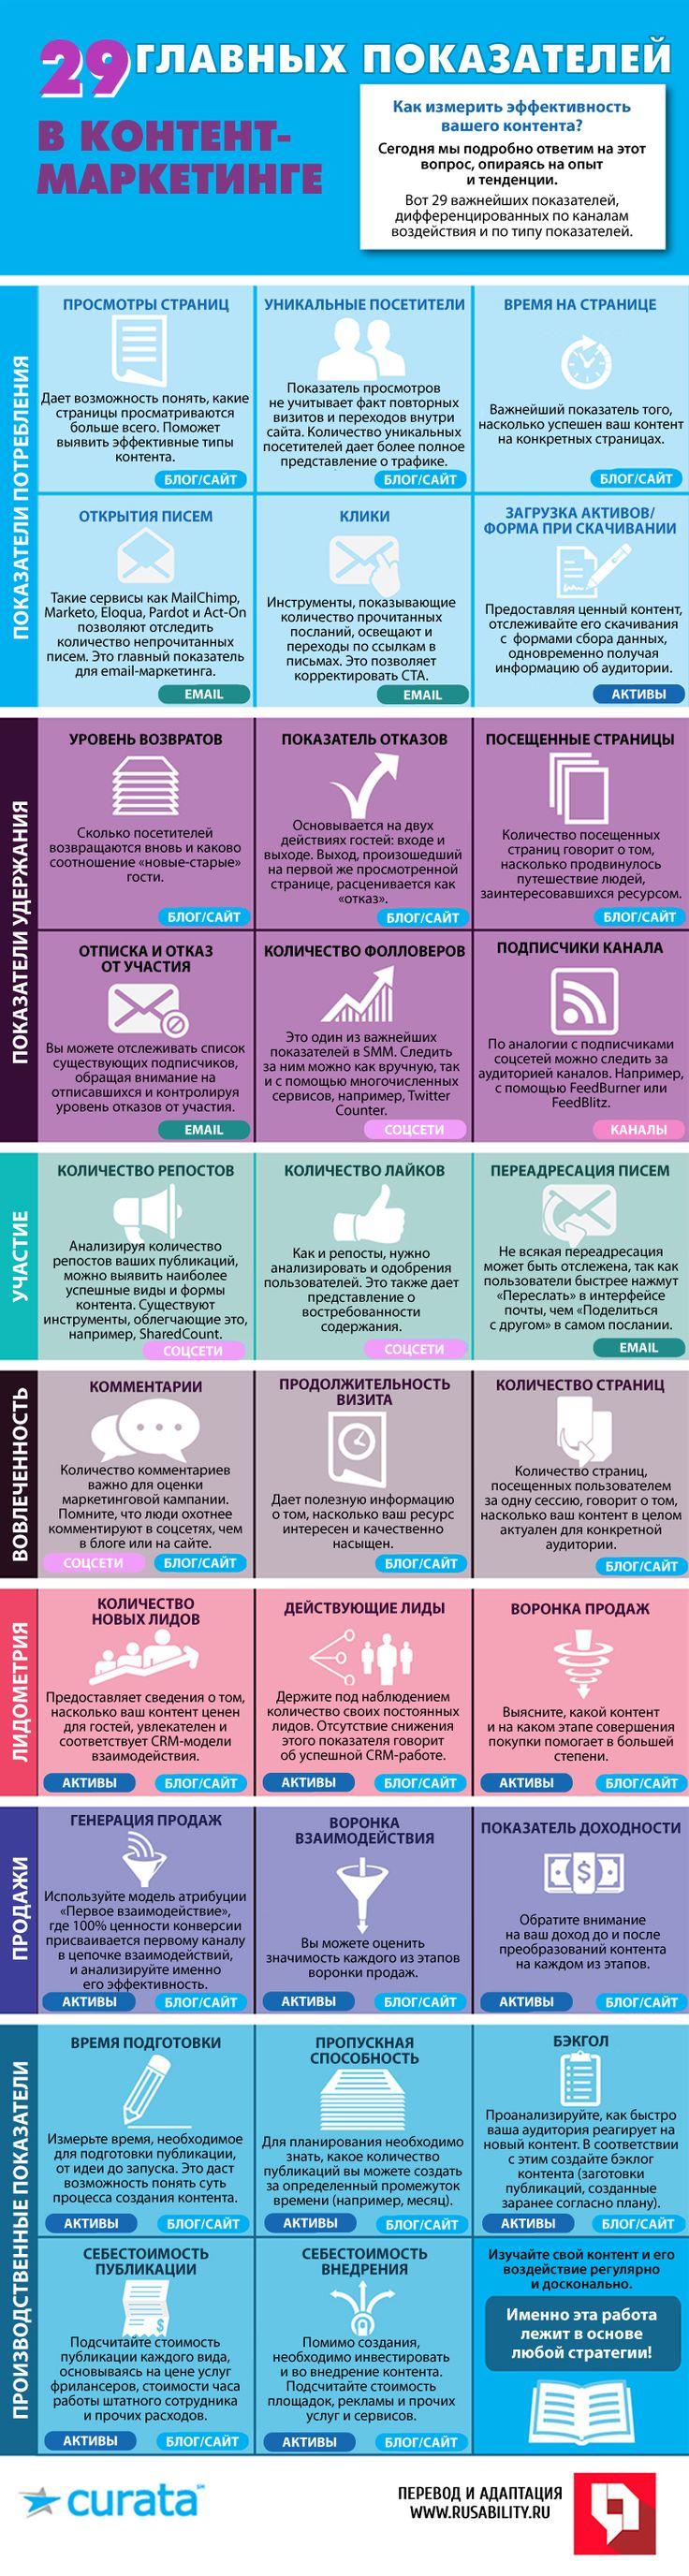 Контент, контент-маркетинг, лидометрия, бэклог, вовлеченность, удержание, потребители, эффективность, аналитика, показатели, инфографика